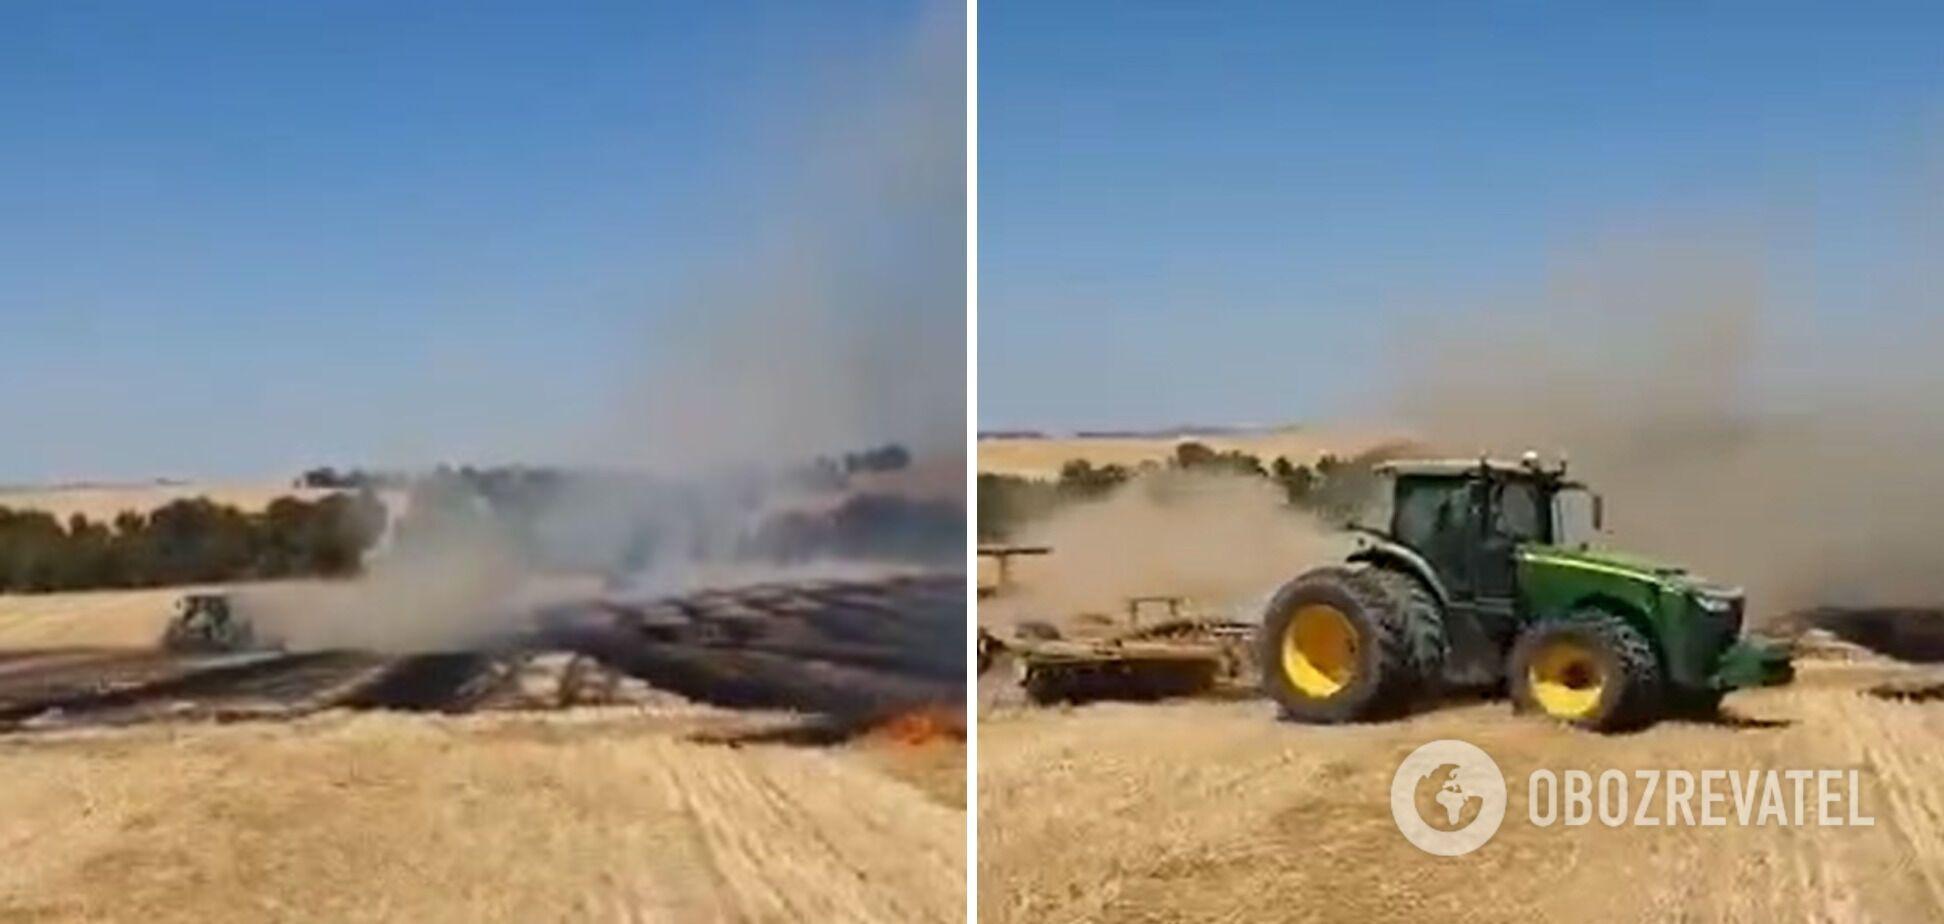 В результате атаки воздушными шарами было сожжено более 12,1 гектара земли в районе Эшколь Израиля